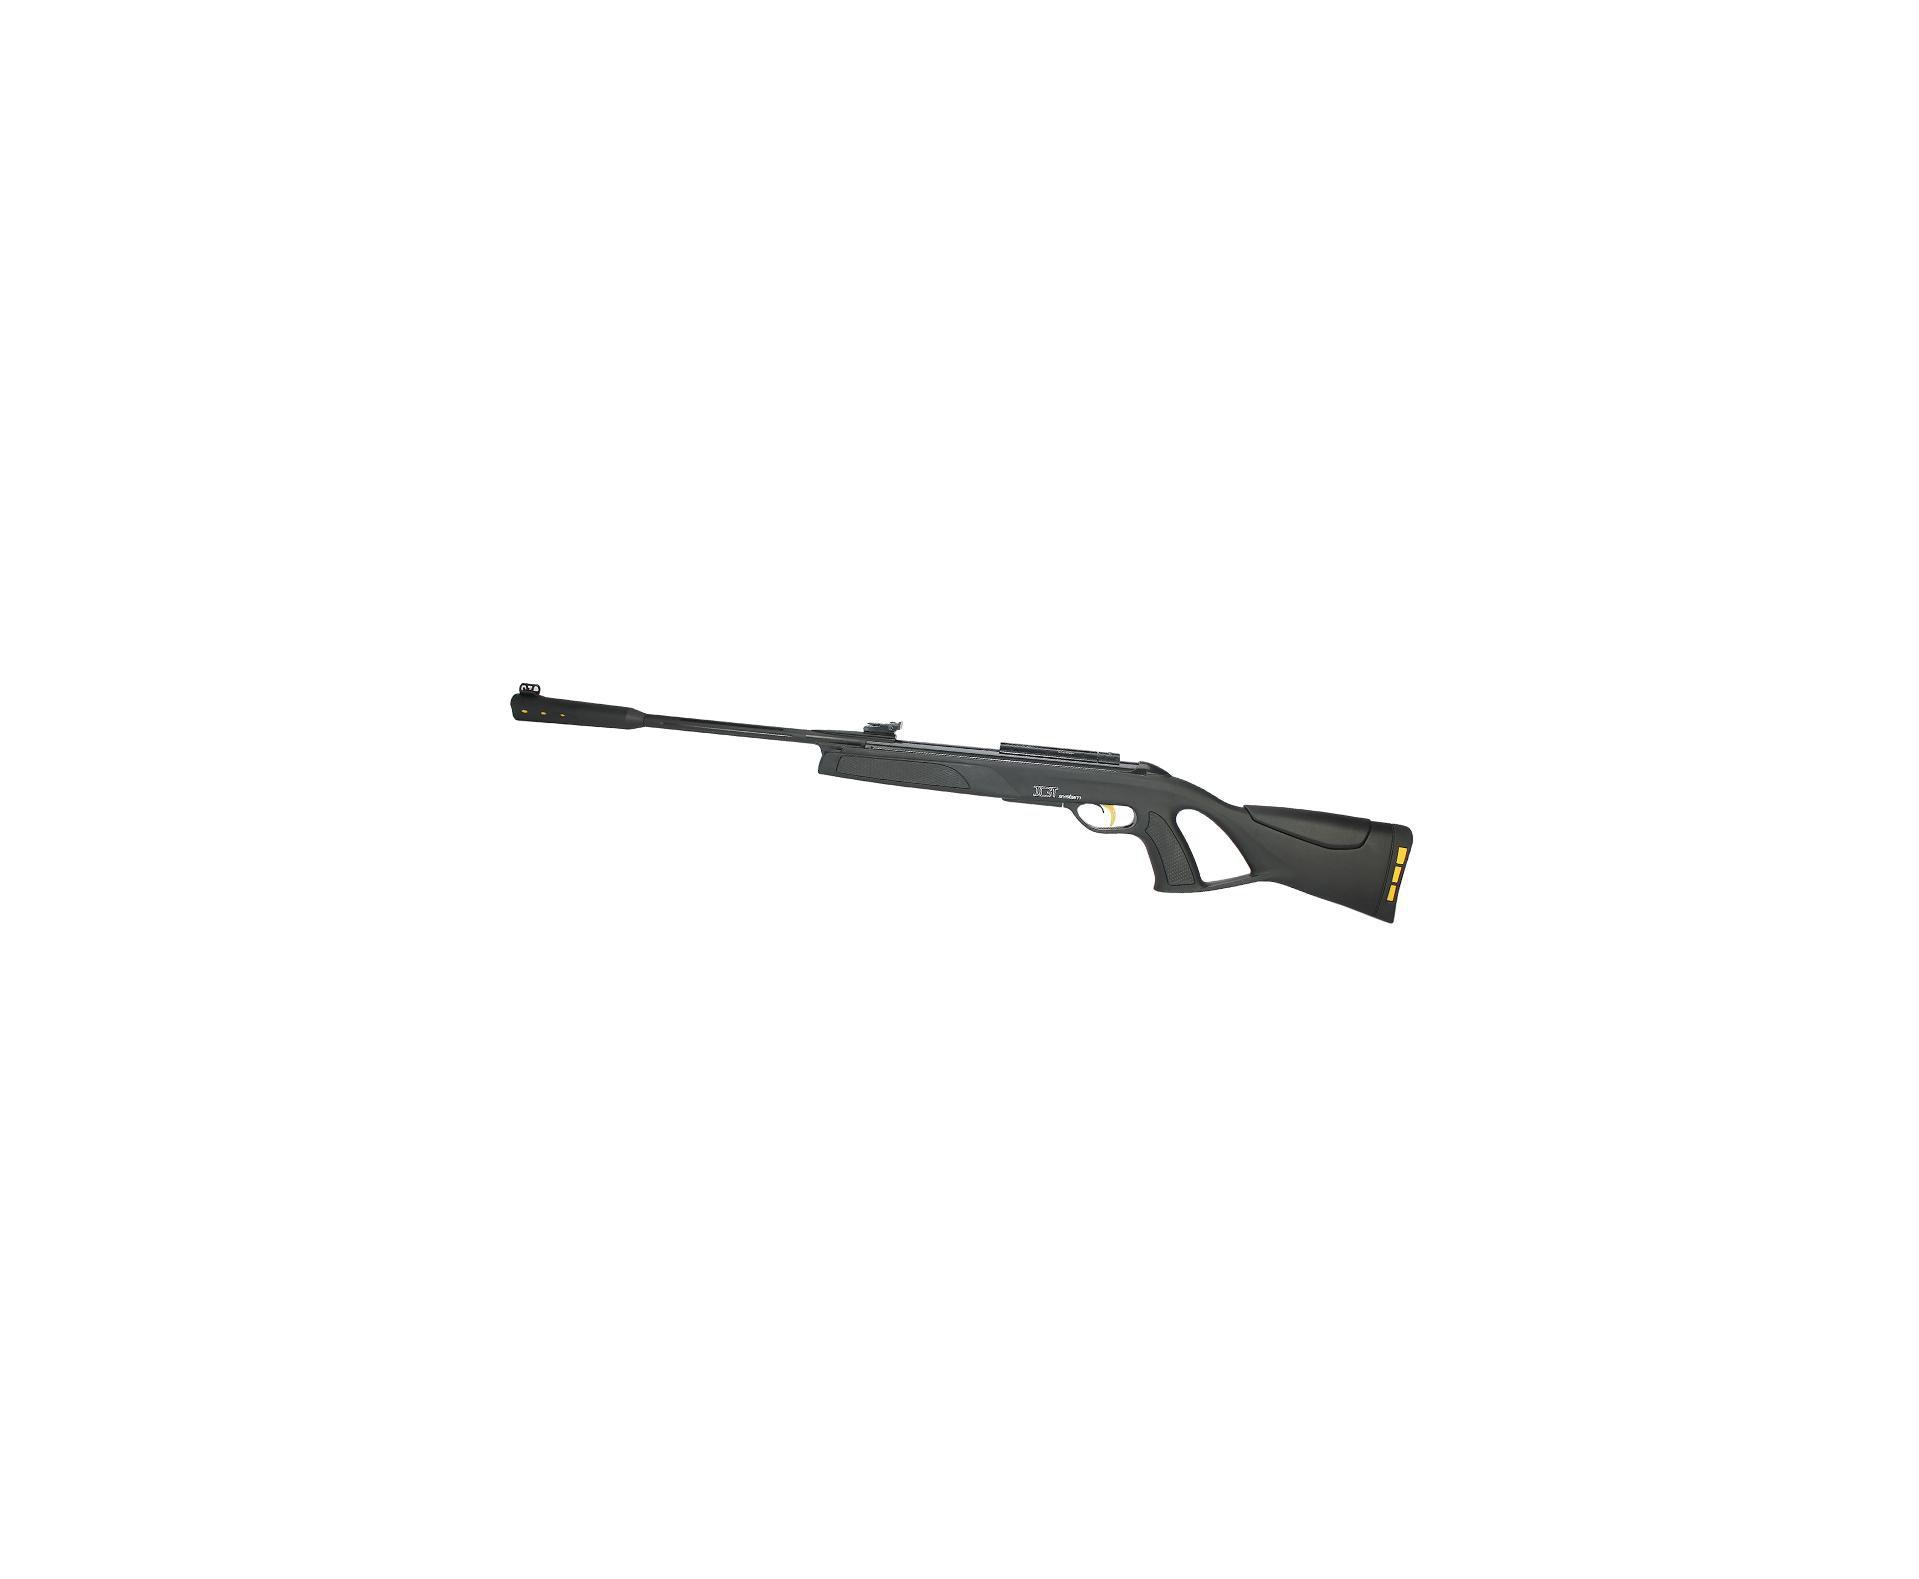 Carabina De Pressão Elite Premium Igt - Gas Ram - Polimero Cal 5,5mm - Gamo